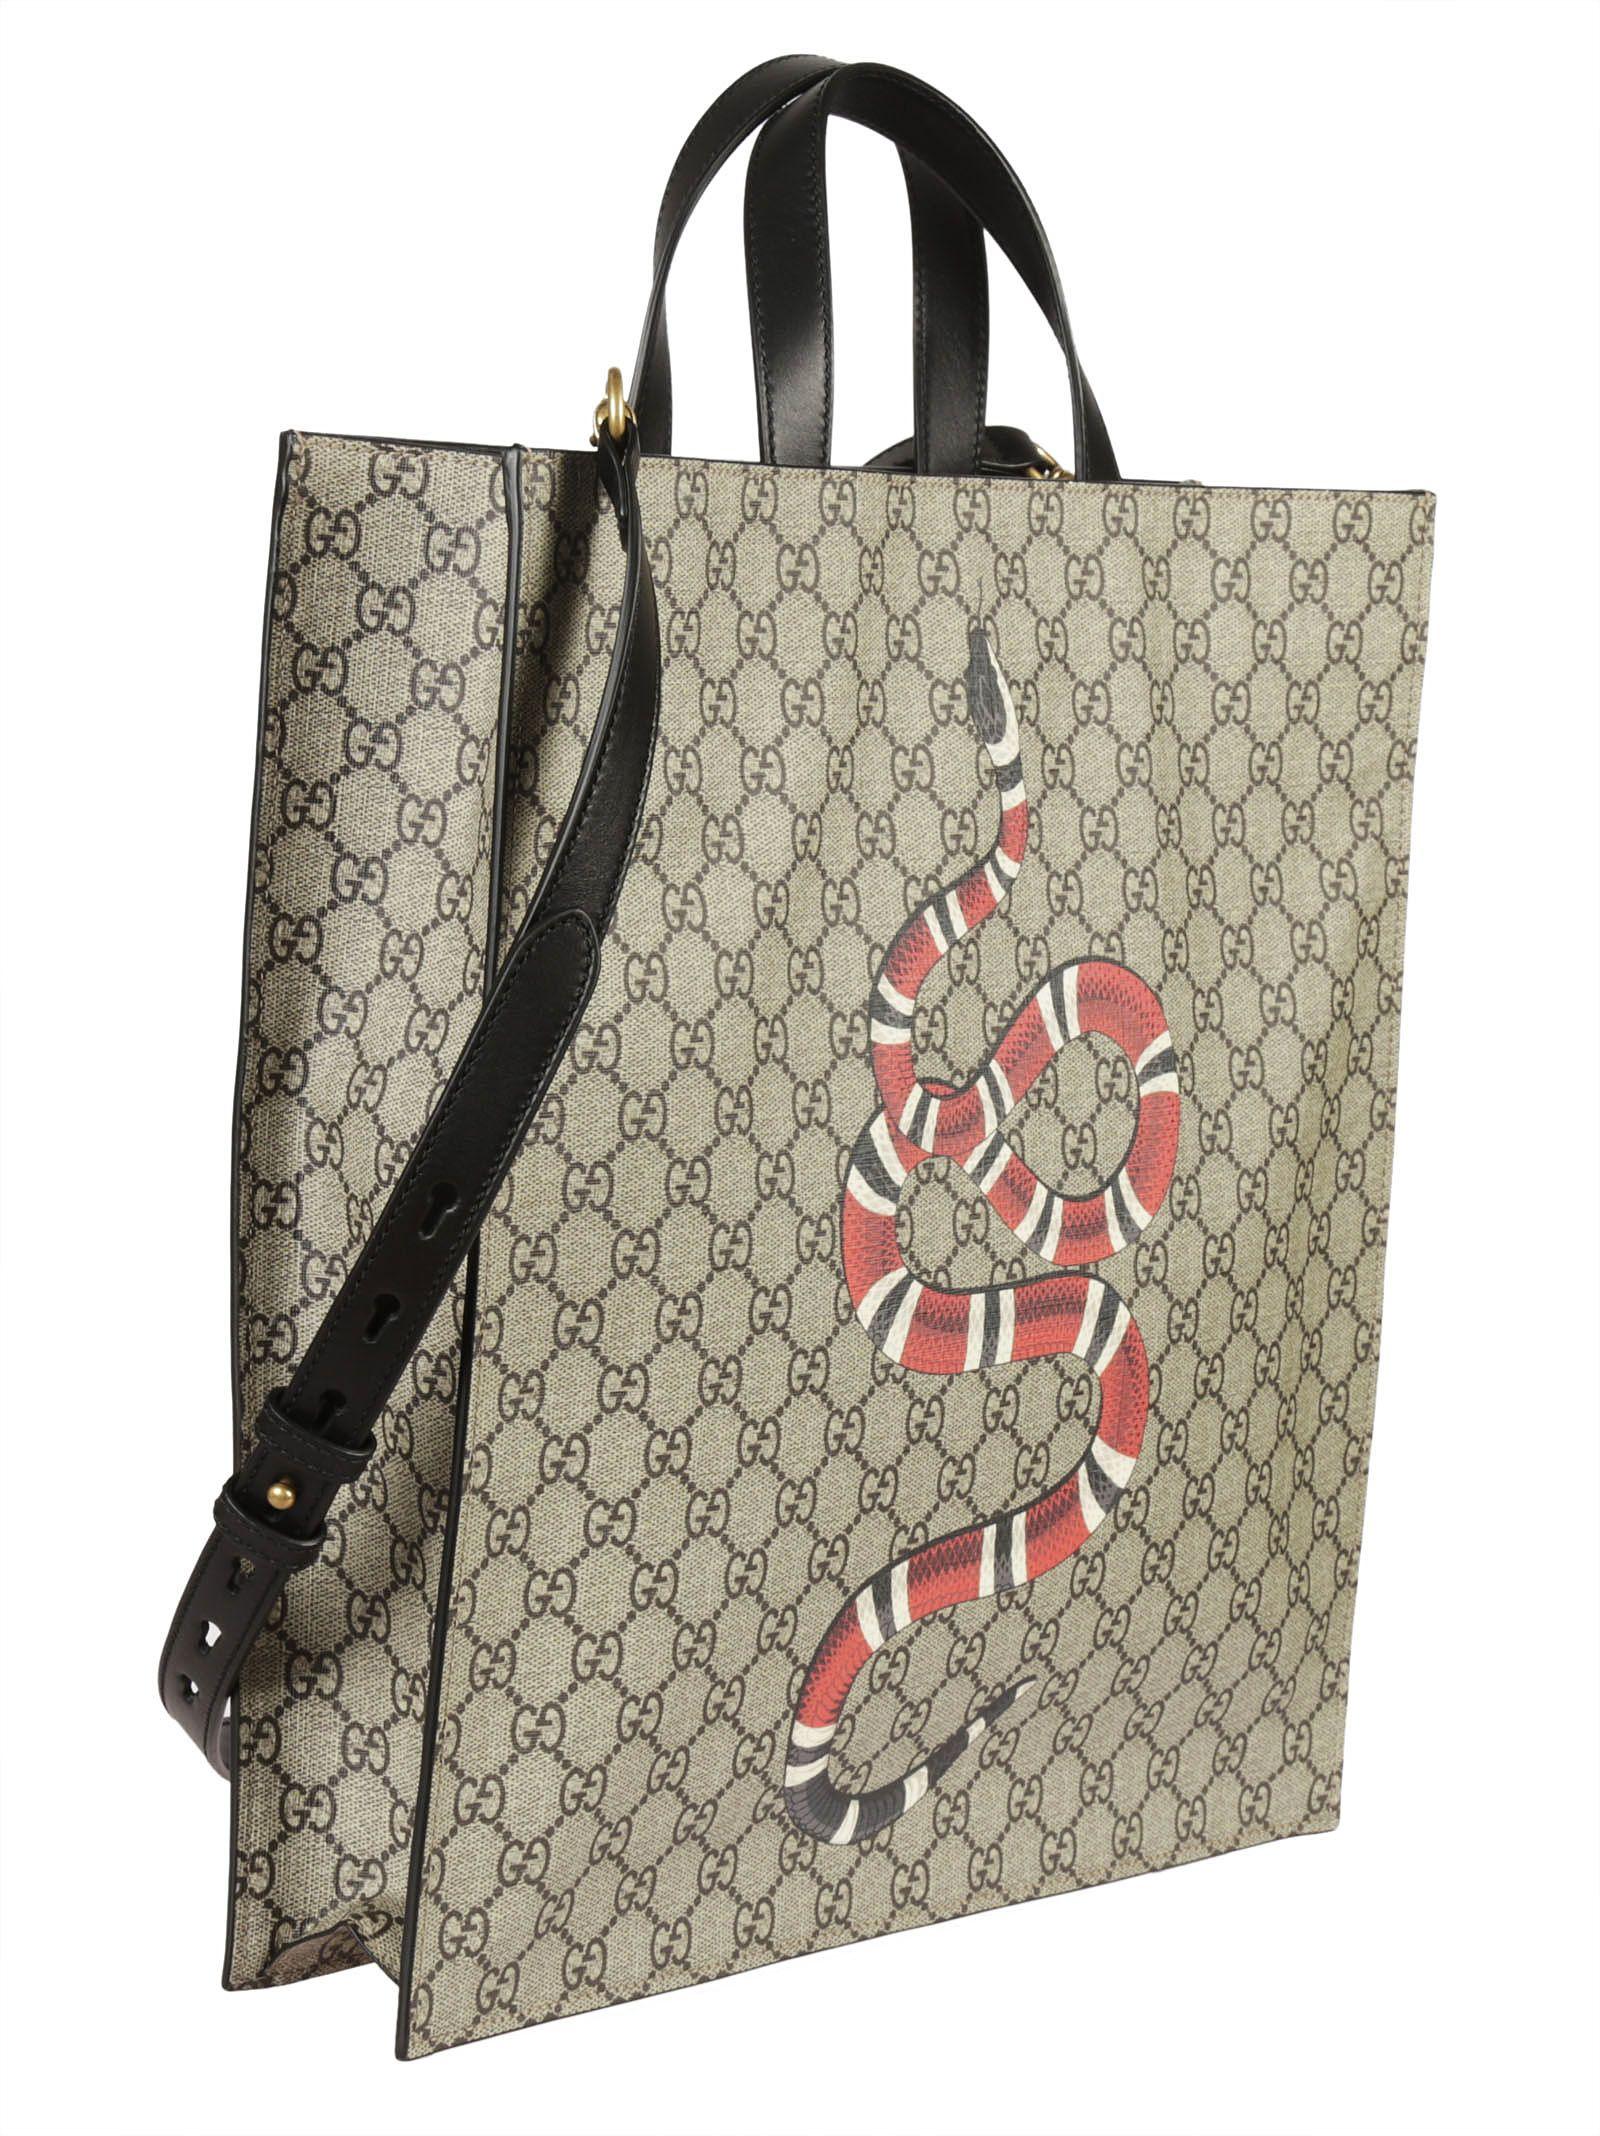 7bb205a92919 Gucci Gucci Snake Print GG Supreme Tote - Multicolor - 6622295